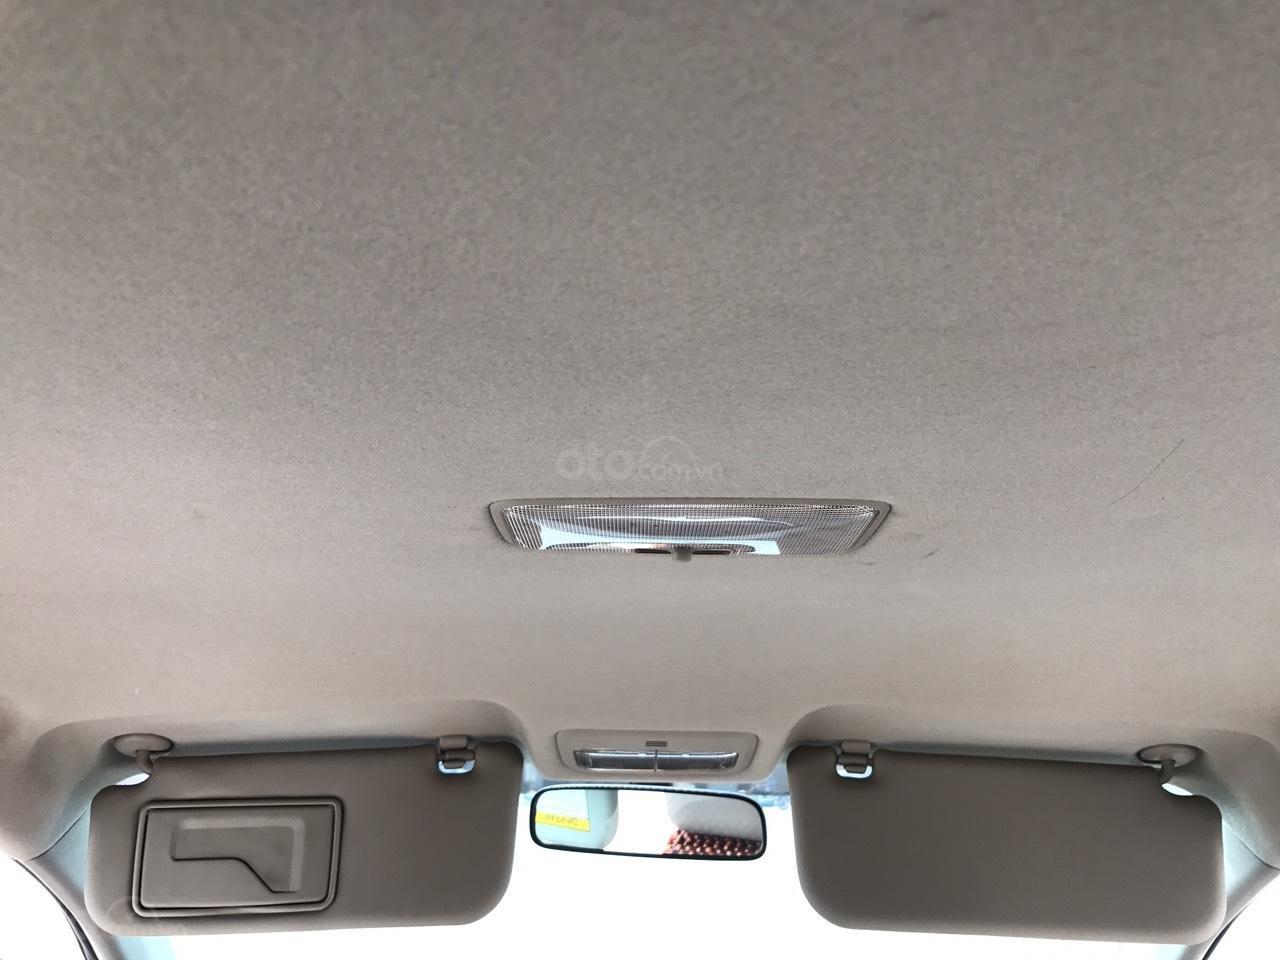 Bán xe Toyota Vios 1.5E đời 2010, màu bạc, nói không với lỗi nhỏ taxi, động chạm máy móc (23)